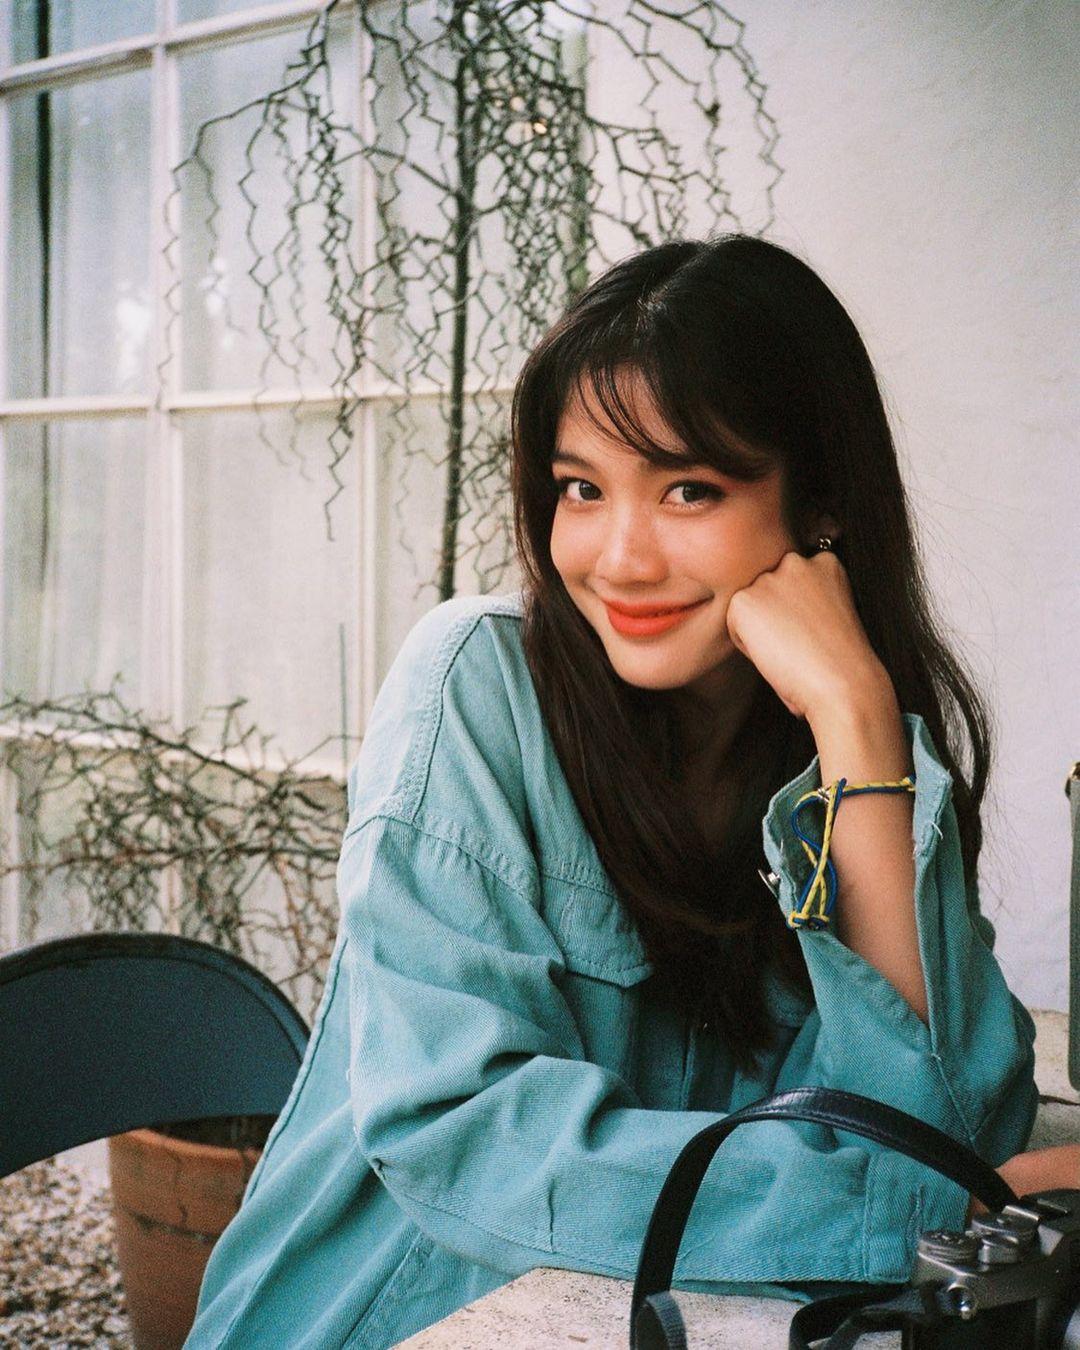 Học style tóc của gái Hàn chán chê rồi, bạn hãy thử tham khảo 4 kiểu tóc đẹp mê của gái Thái - Hình 10